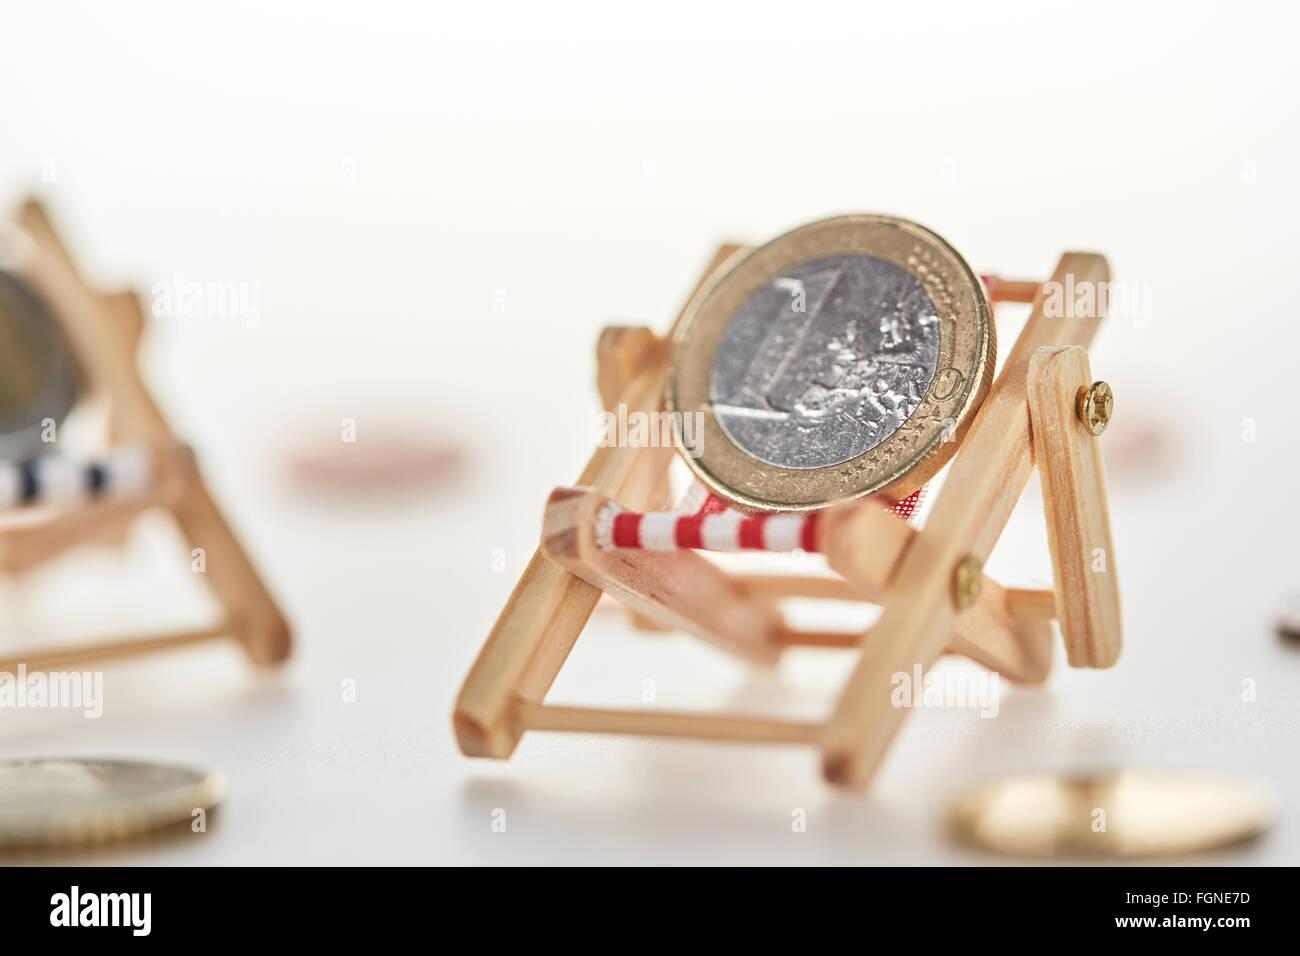 Pension-Konzept mit Euro Münze Geld auf Miniatur-Liege entspannen erschossen Stockbild